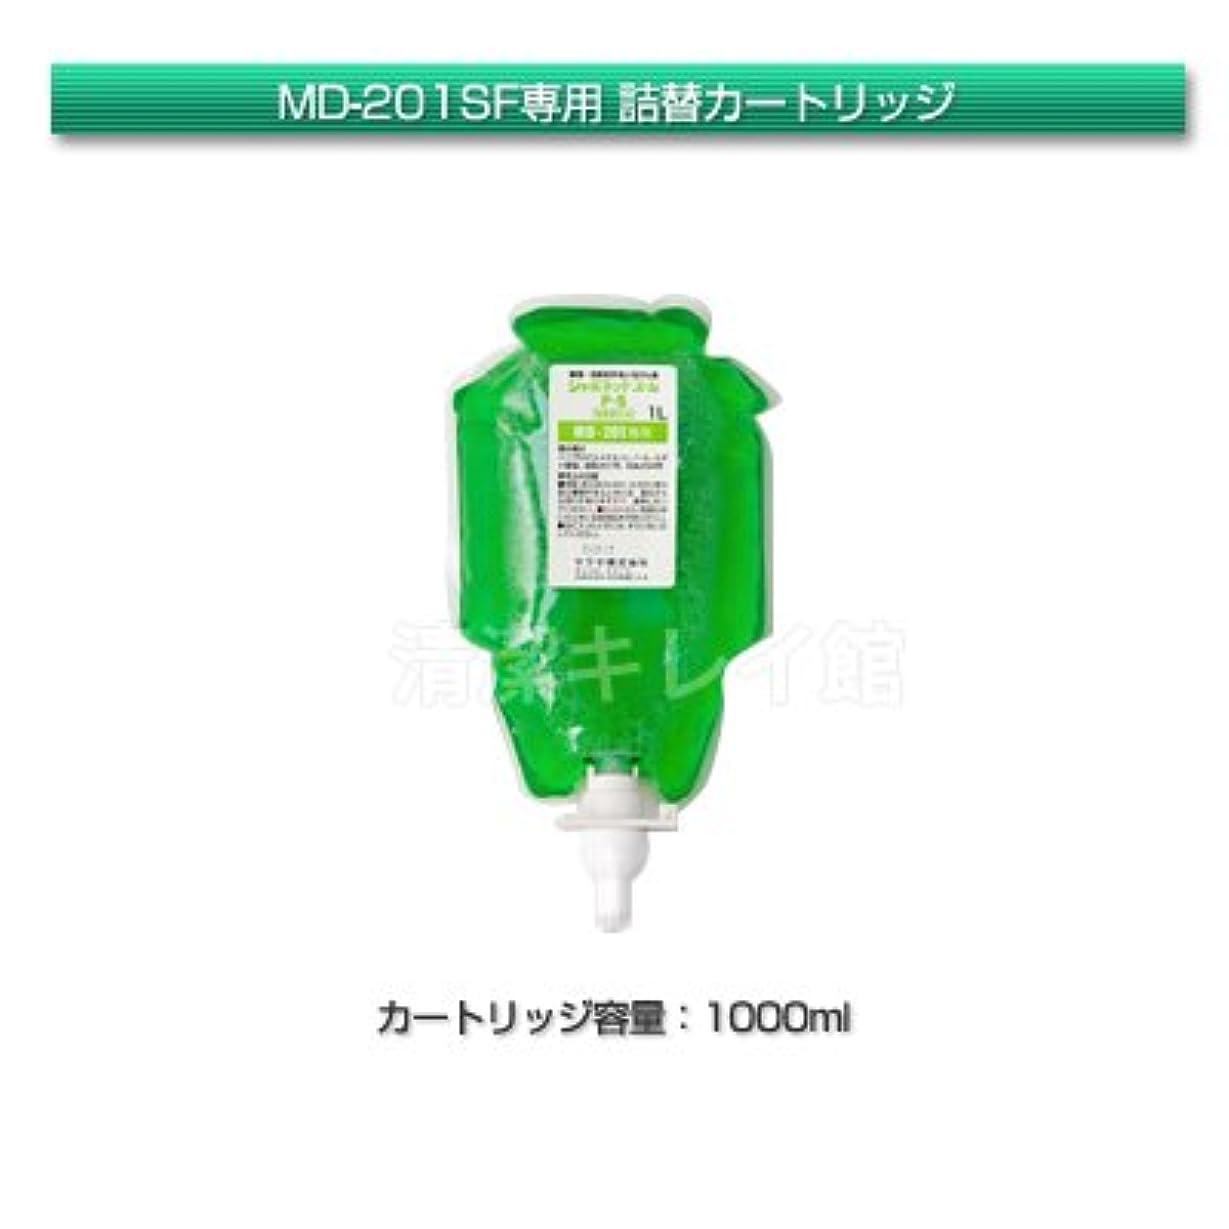 重要な役割を果たす、中心的な手段となる不振サンダルサラヤ プッシュ式石鹸液 MD-201SF(泡)専用カートリッジ(ユムP-5)1000ml【清潔キレイ館】